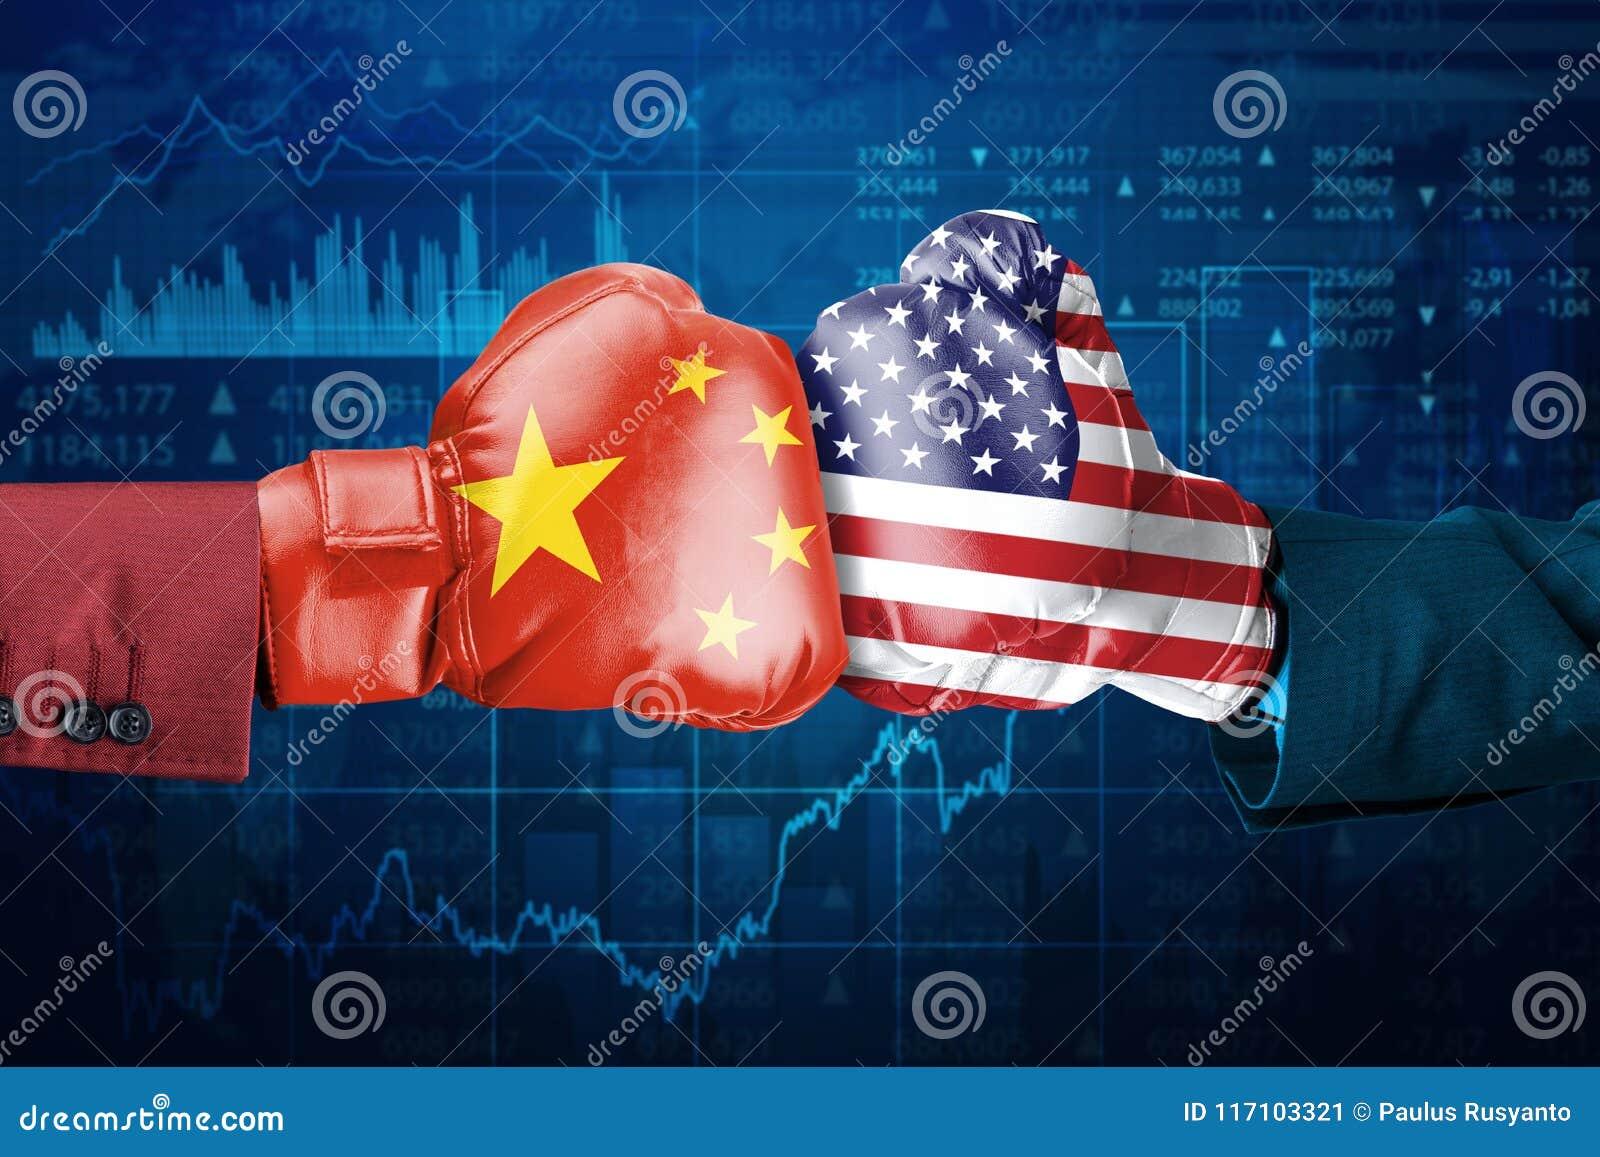 Conflito entre China e EUA